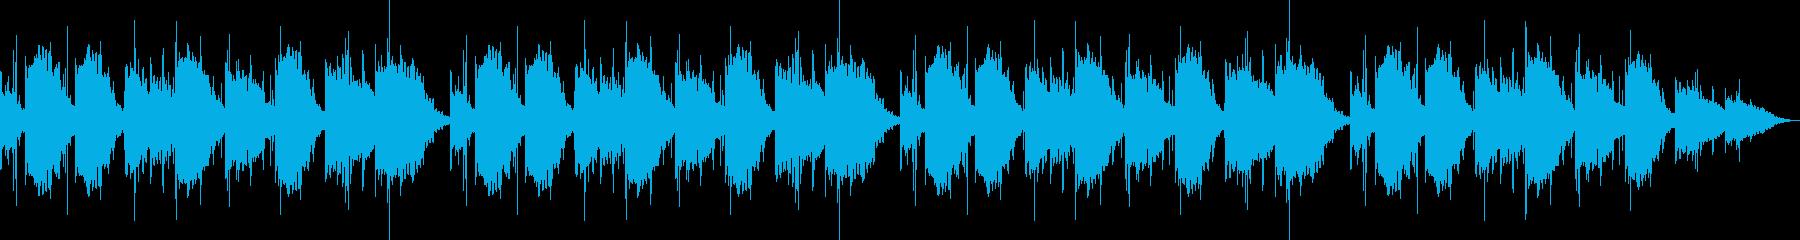 広告音楽。テレビの背景音楽の再生済みの波形